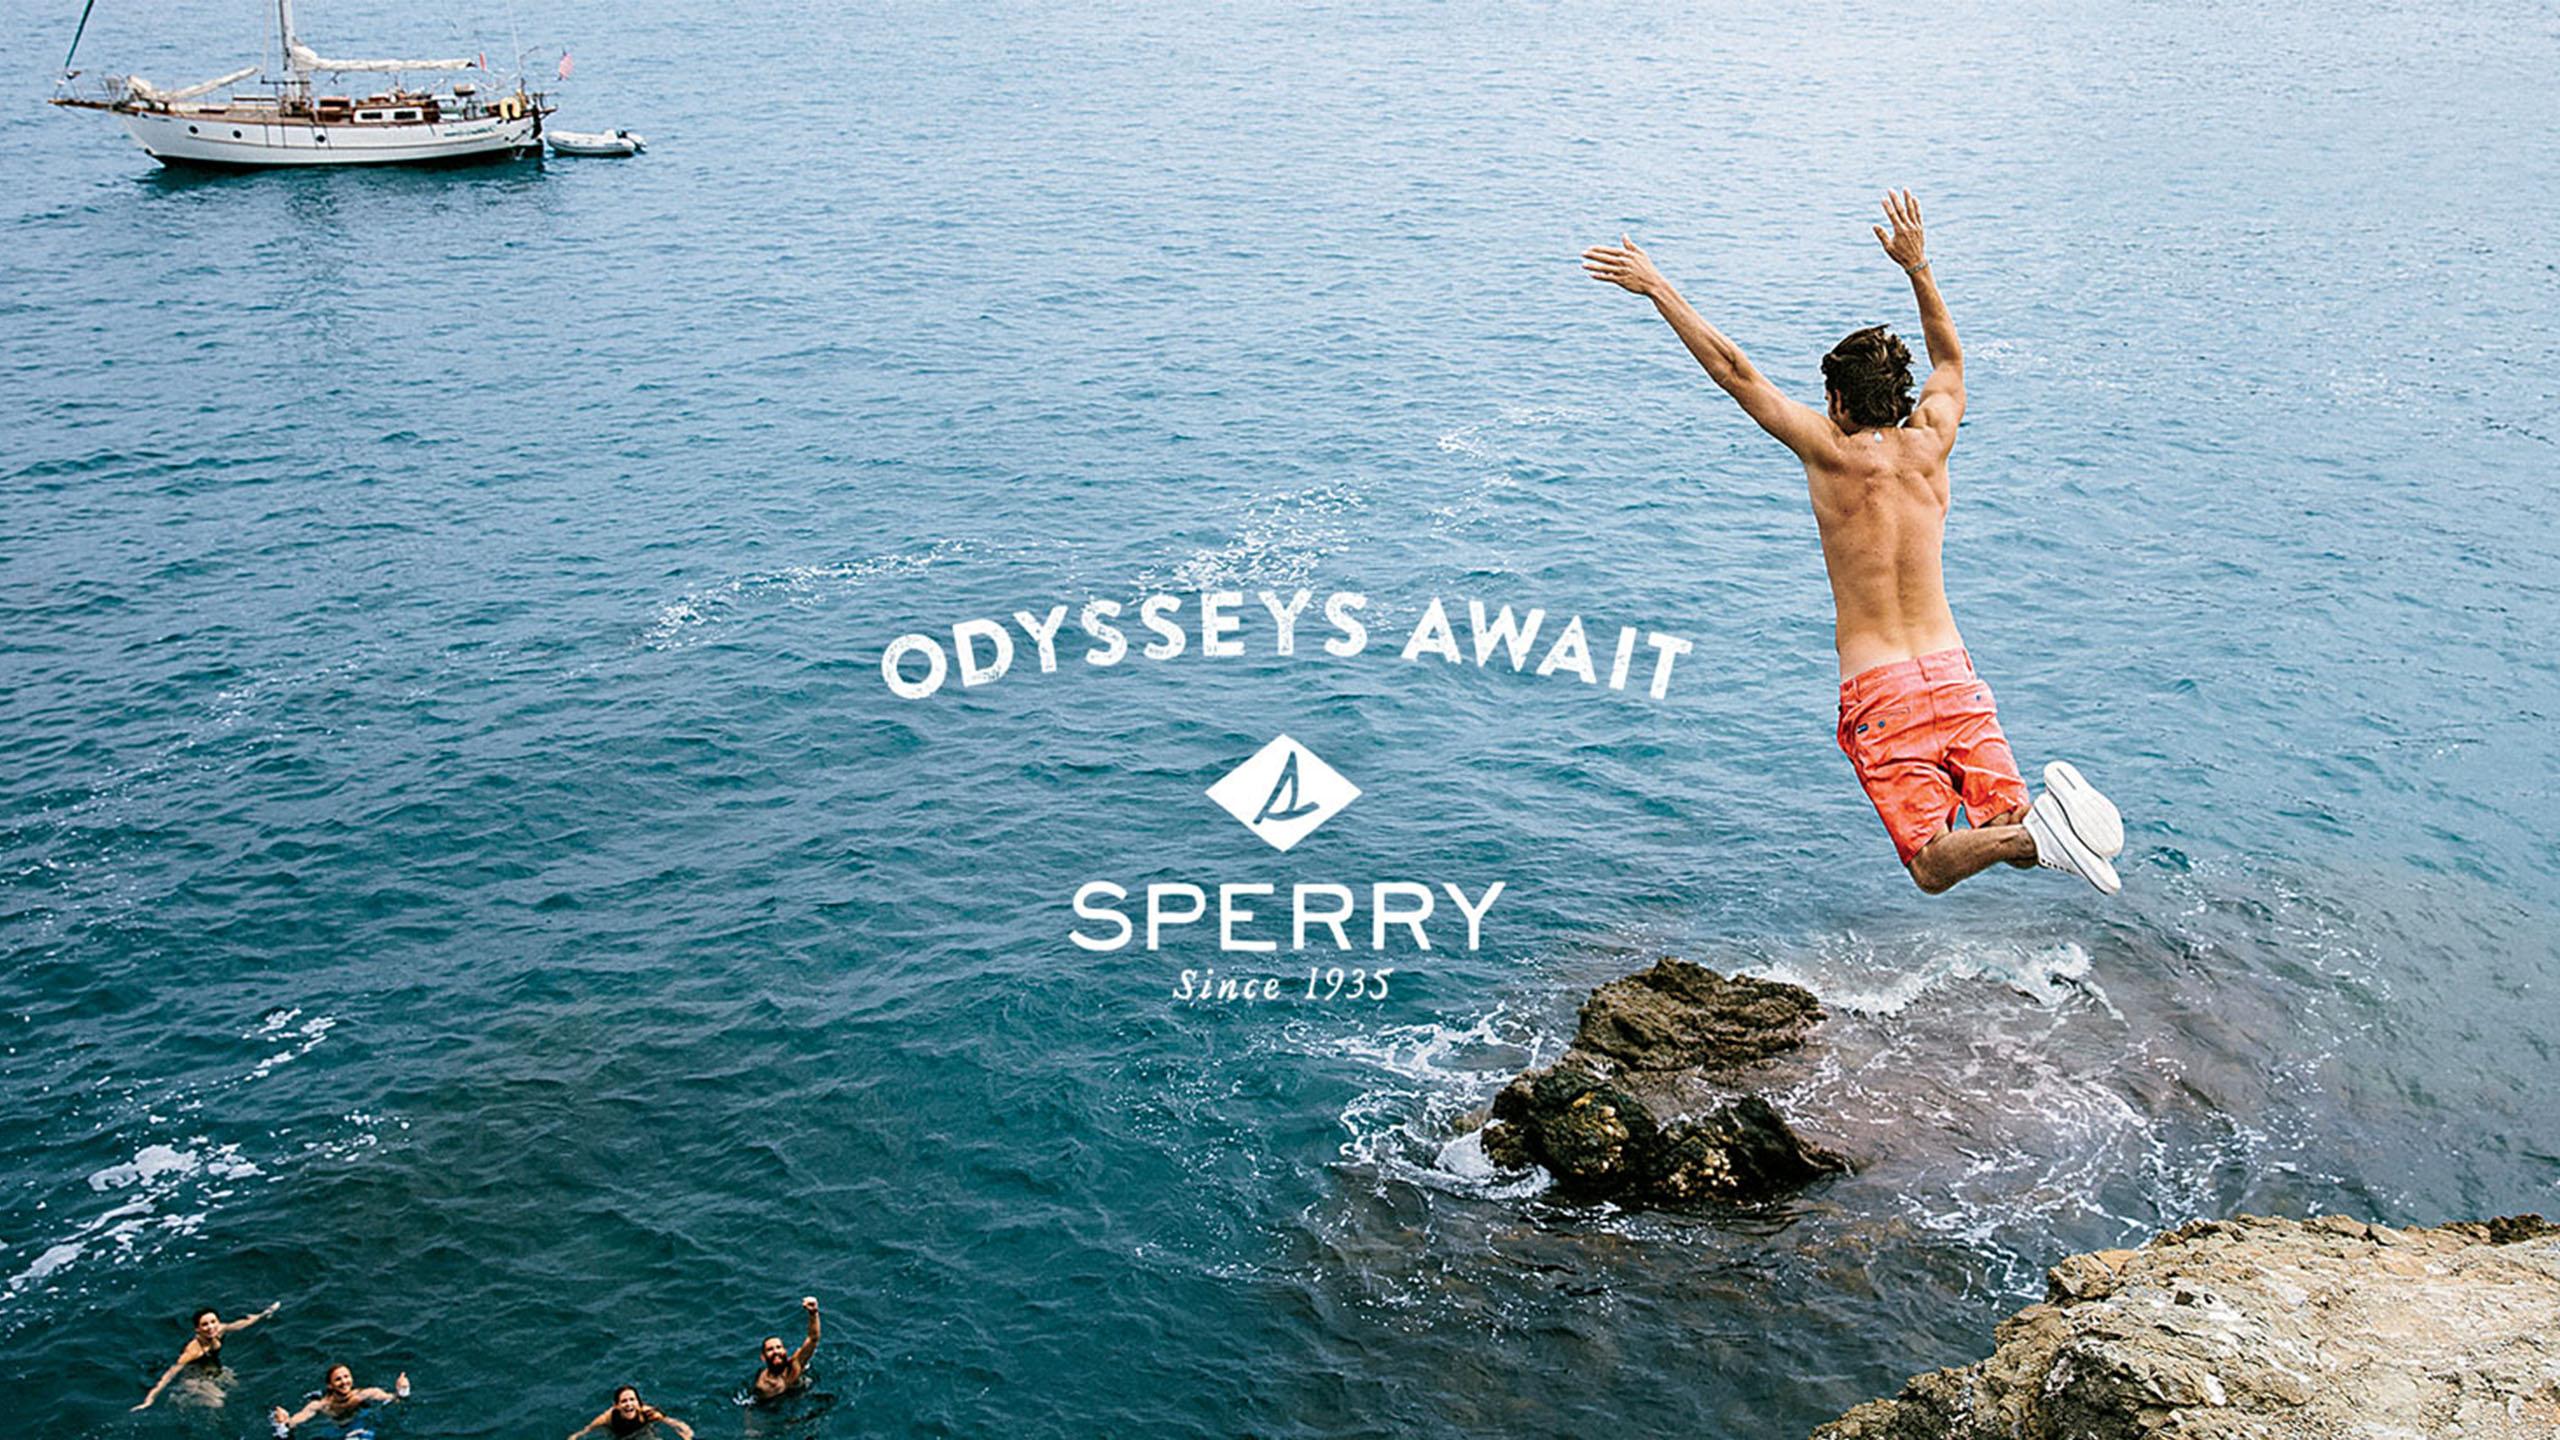 Sperry: Odysseys Await